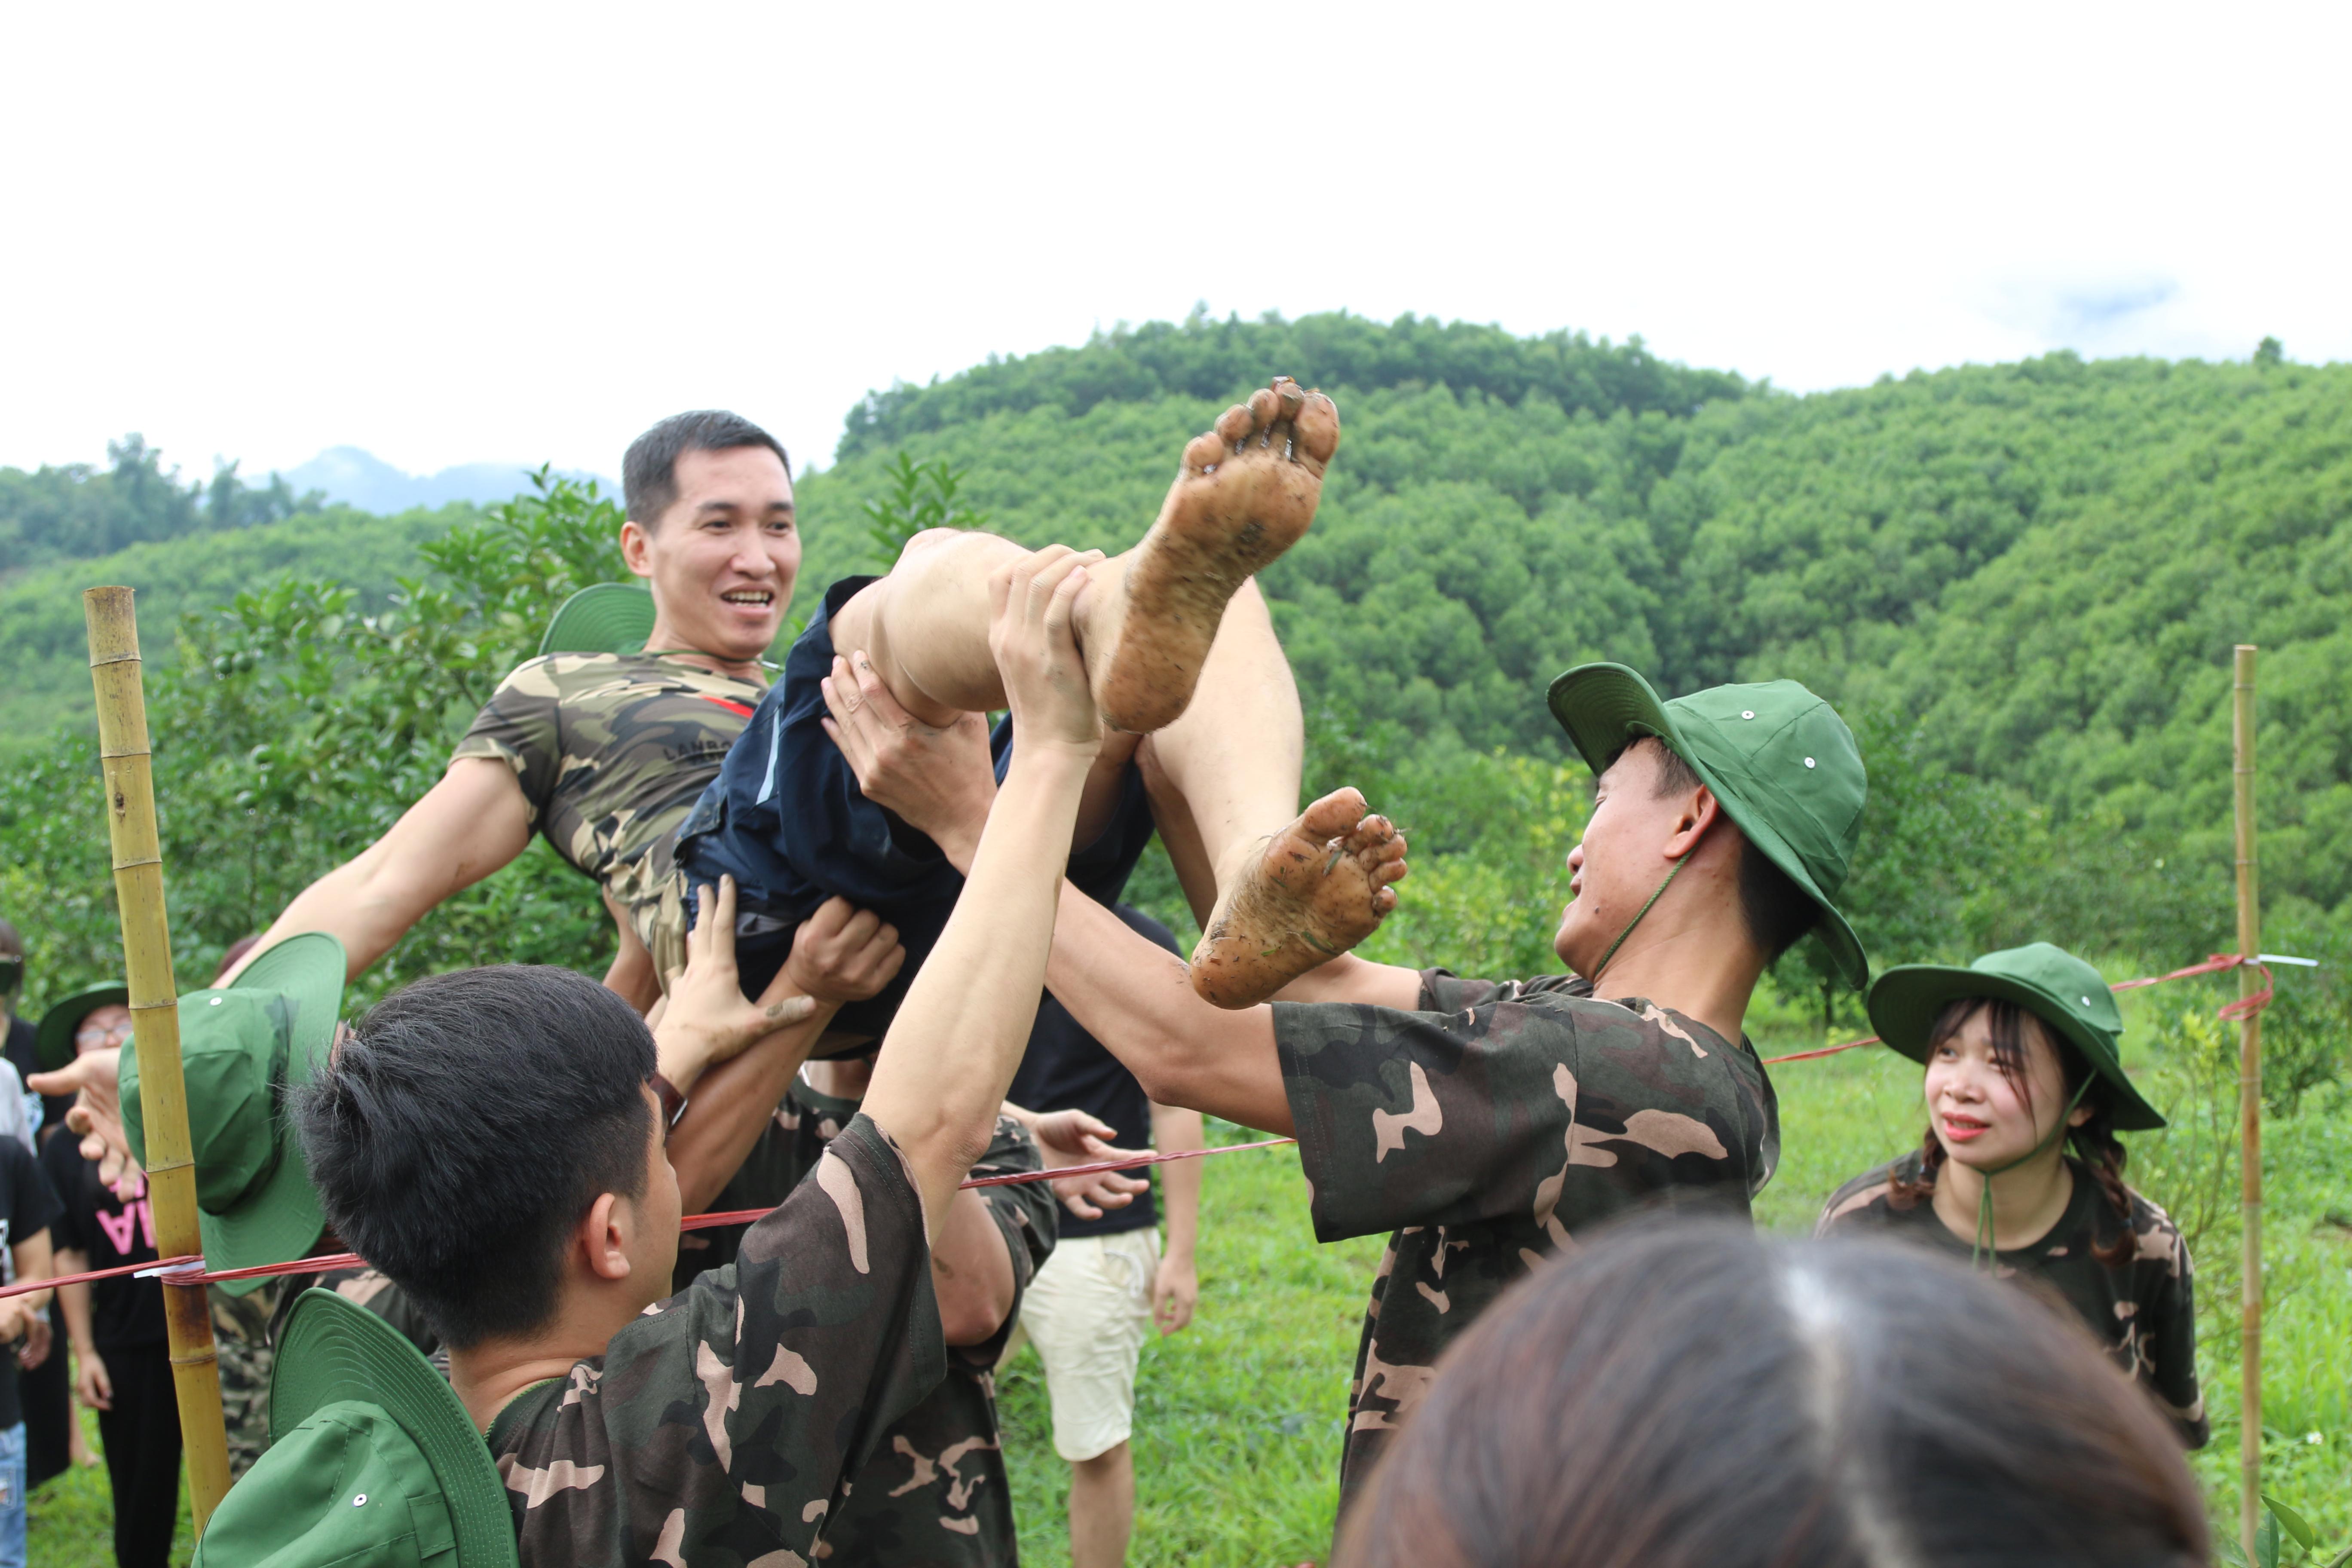 Tiếp theo, các tiểu đội phải đối mặt là phải vượt chướng ngại vật mà ban tổ chức đã chuẩn bị sẵn. Các đội đều phải tính toán kỹ làm sao đưa đồng đội qua mà không chạm vào dây.